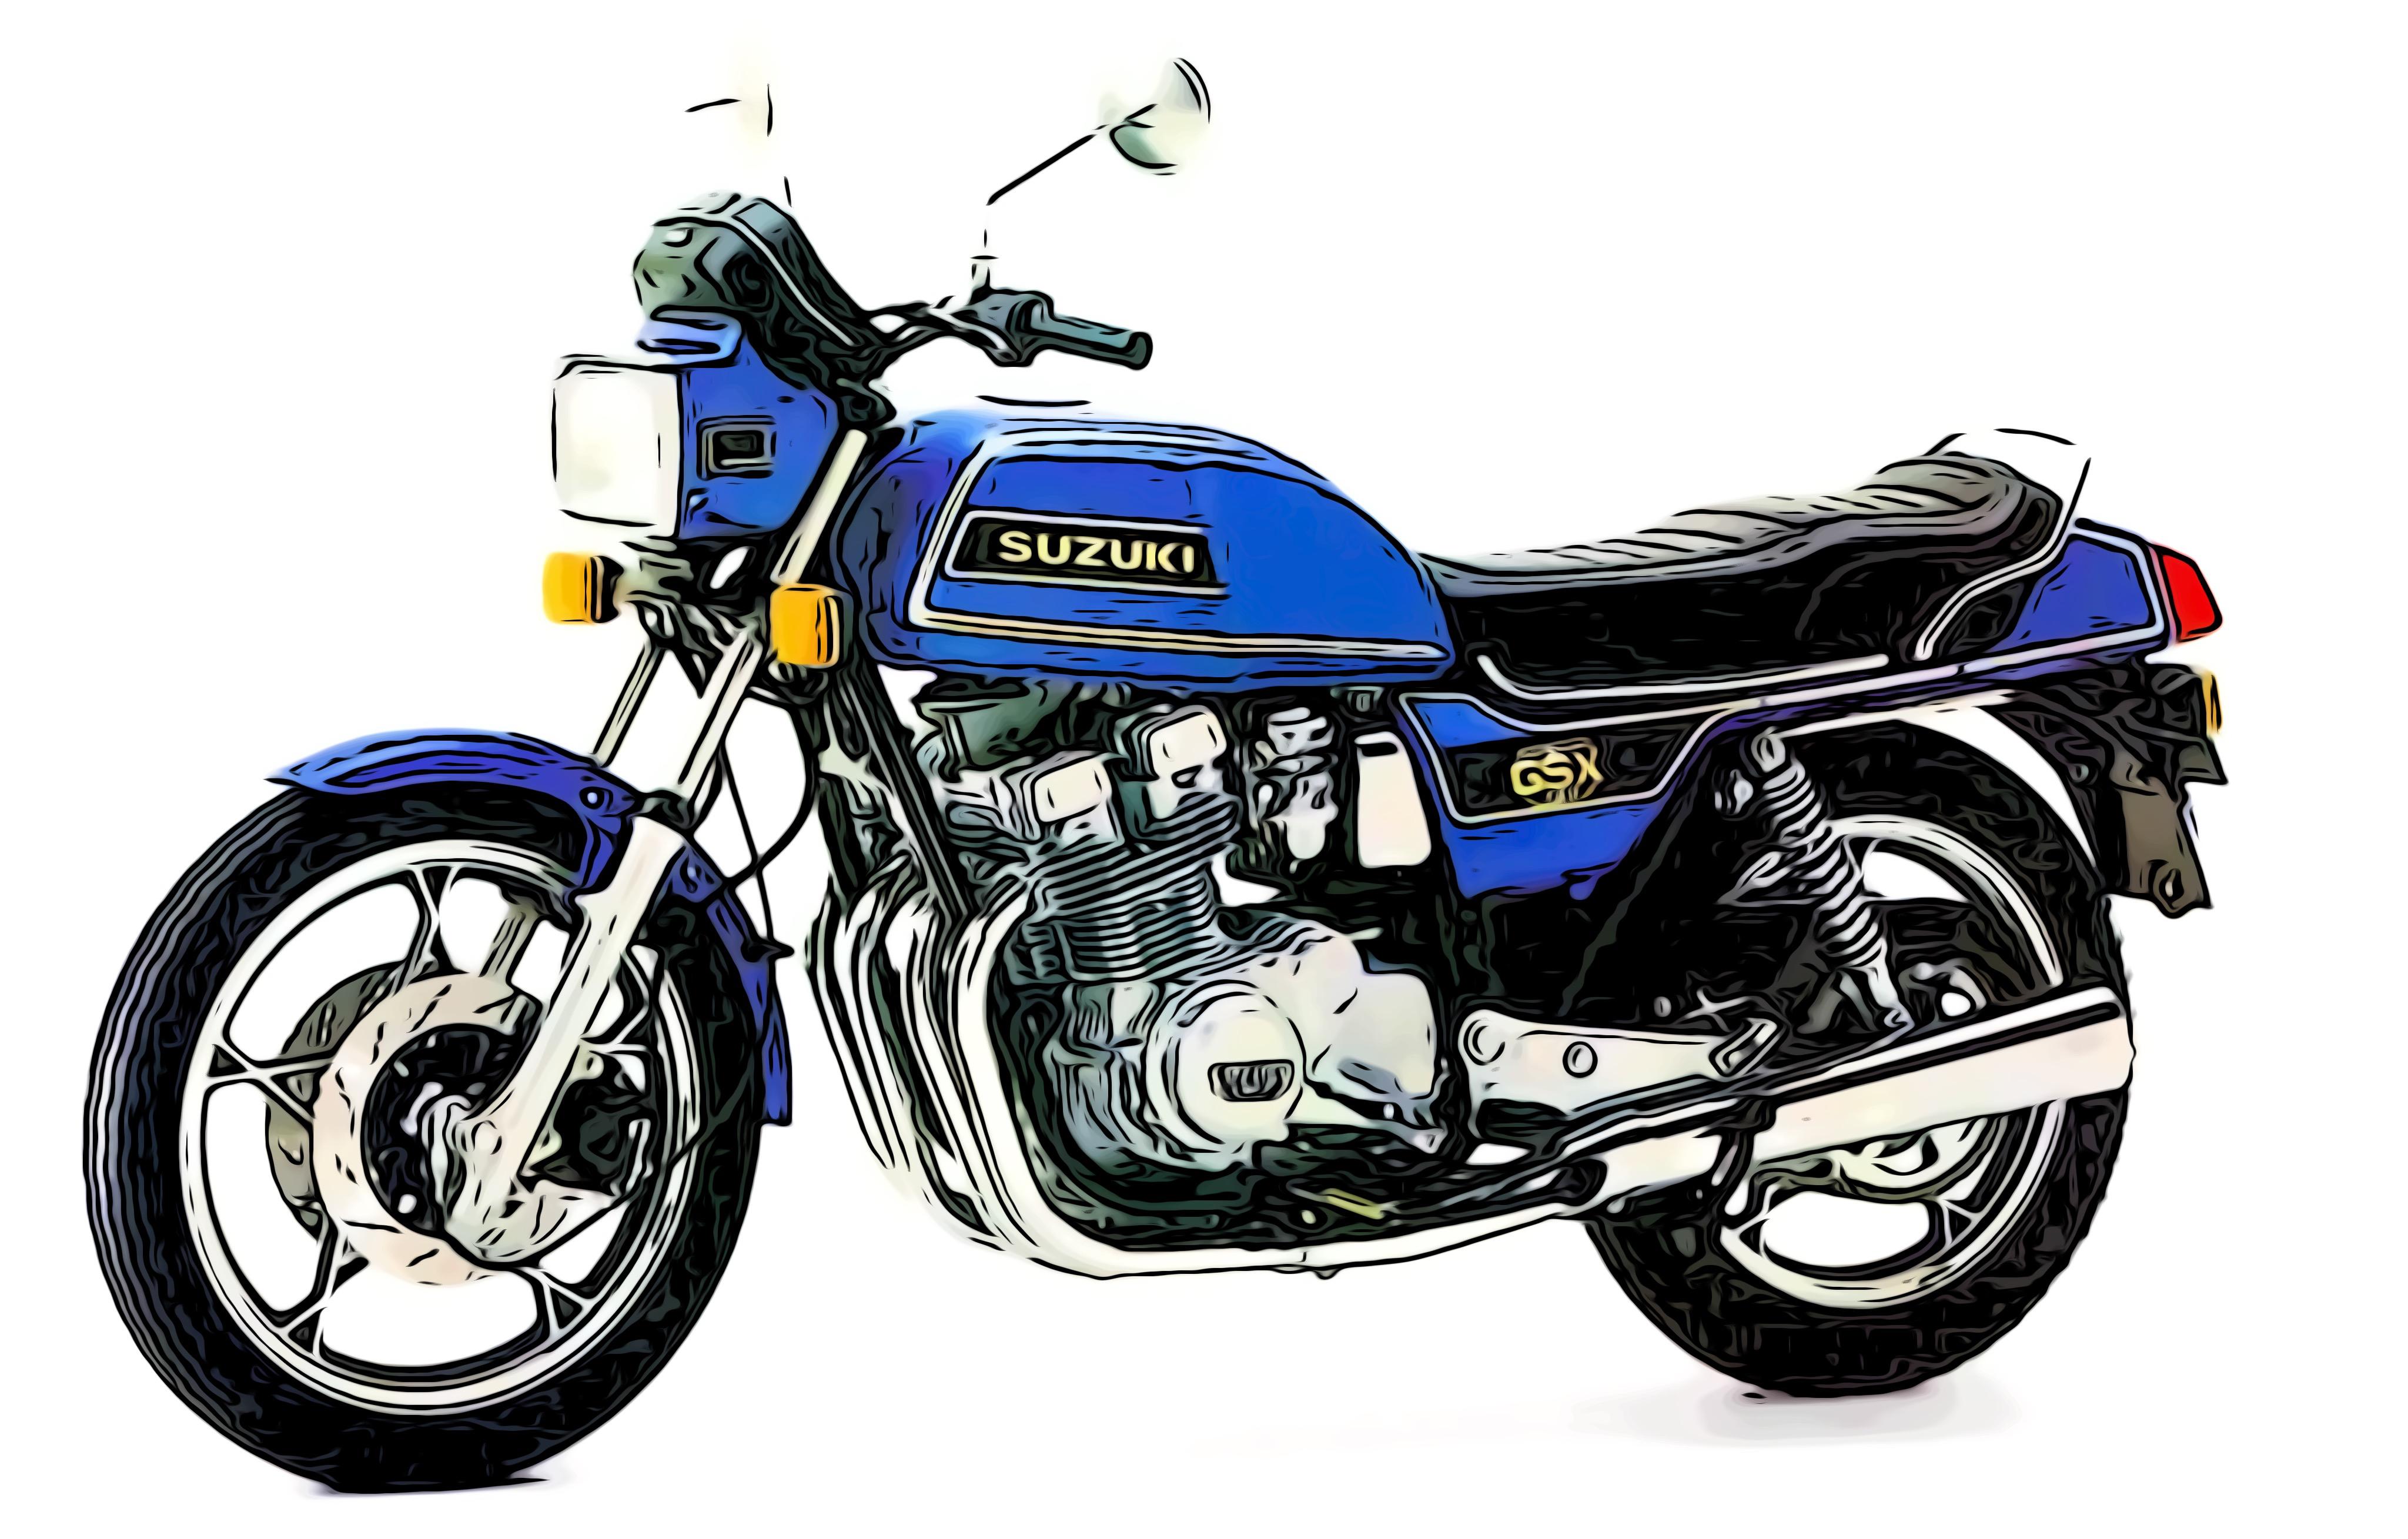 GSX750E SUZUKI|バイクブーン買取情報